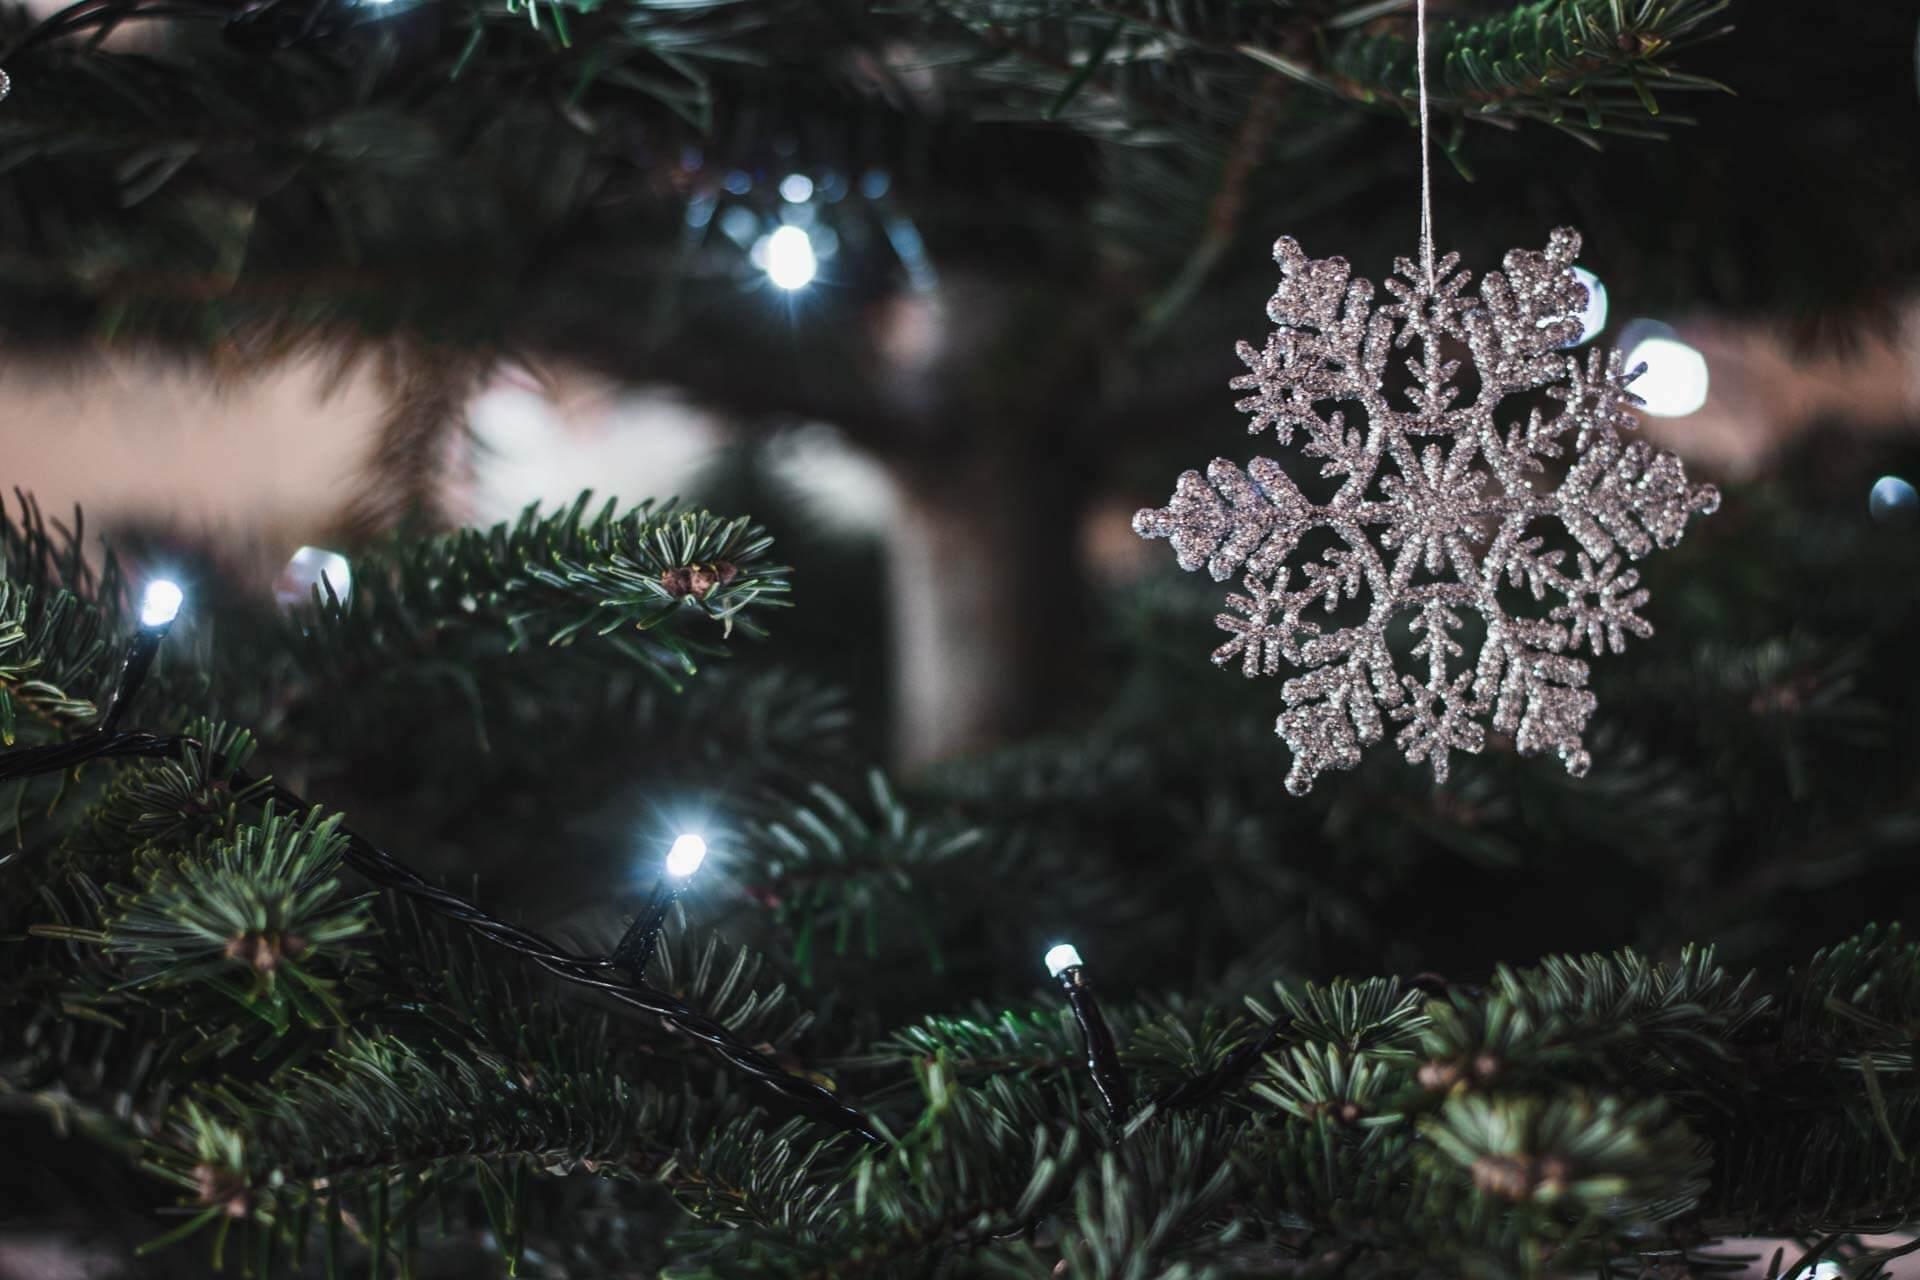 Foto ke článku 2, Vánoce, víno, štědrý den, štědrovečerní večeře